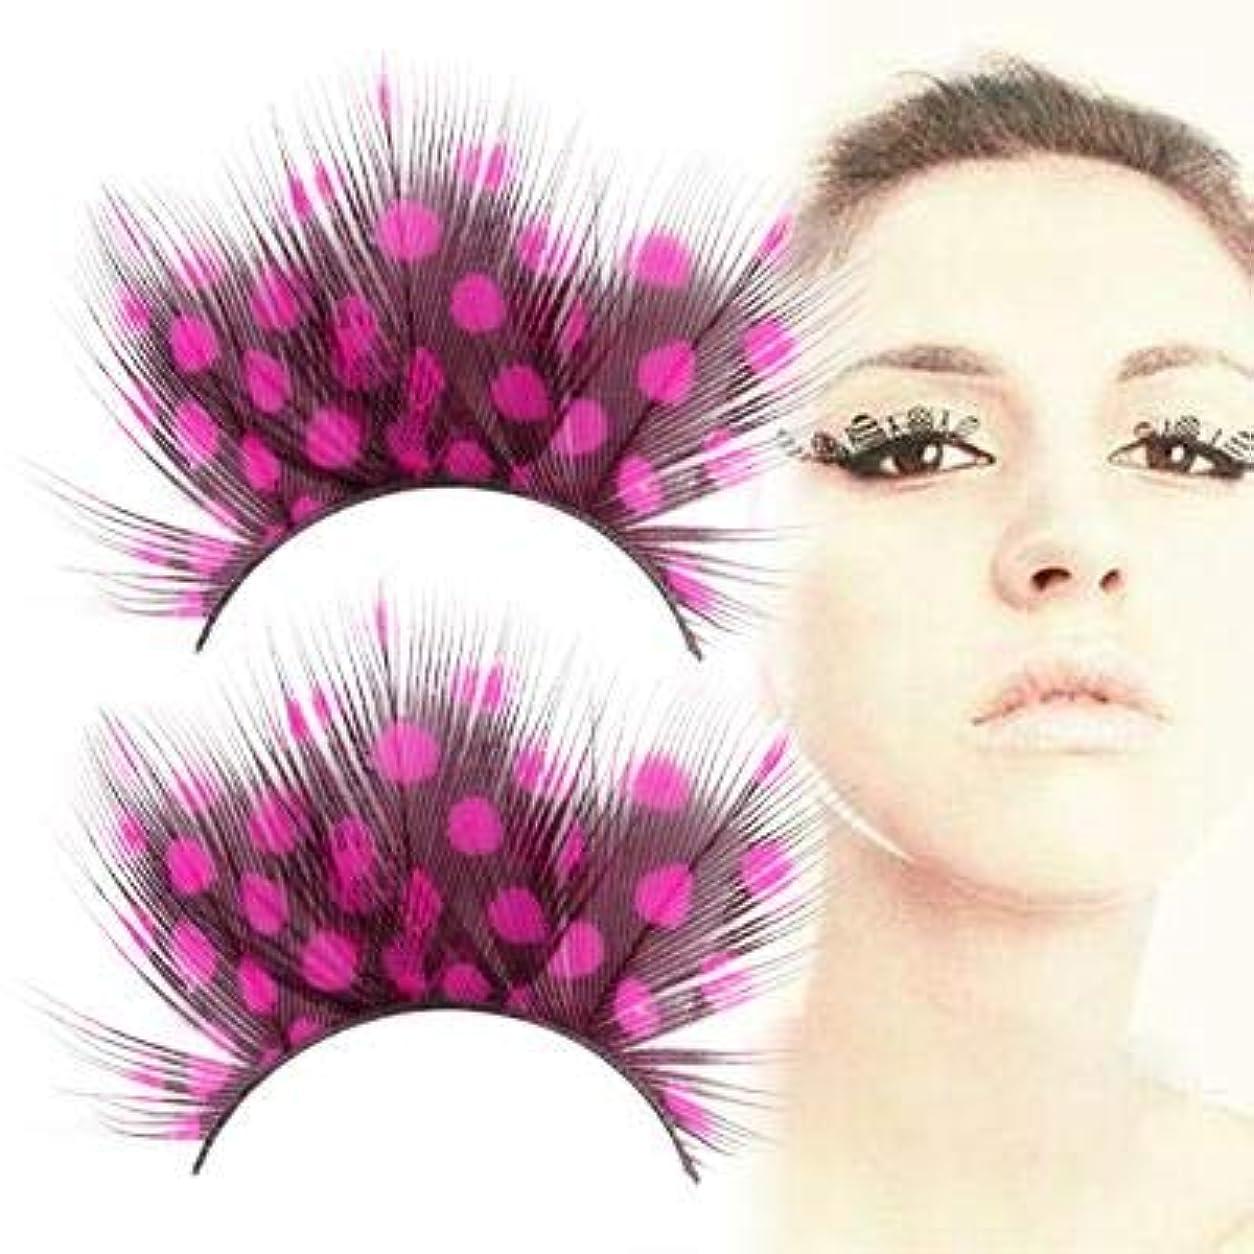 麻痺させる豚常習者美容アクセサリー ペアのスポットデザイン大きな目の偽のまつげ 写真美容アクセサリー (色 : Color1)